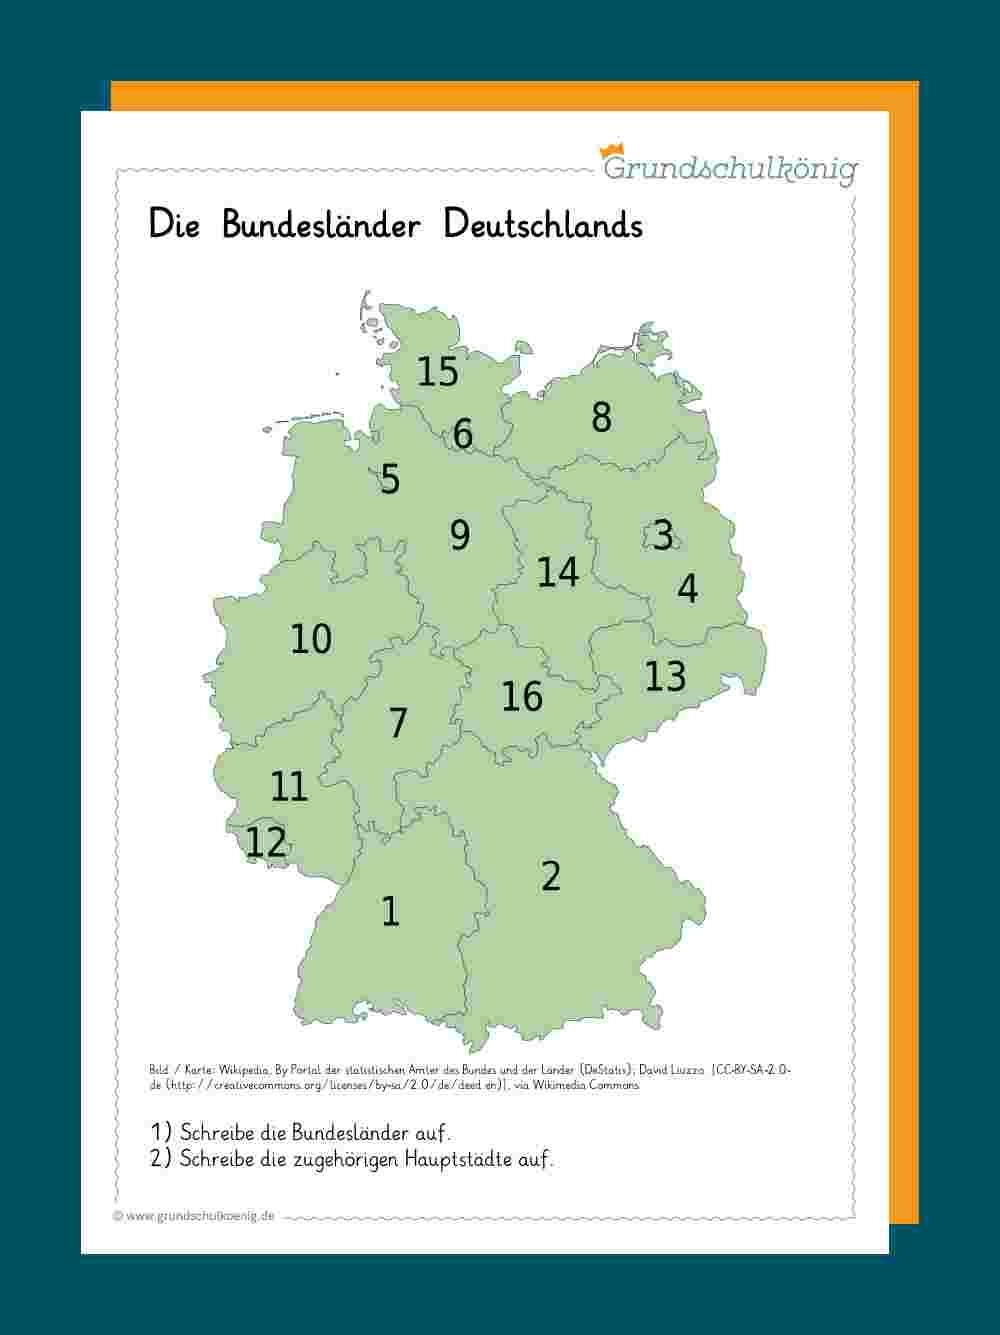 Deutschland bei Bundesländer Deutschland Mit Hauptstädten Lernen